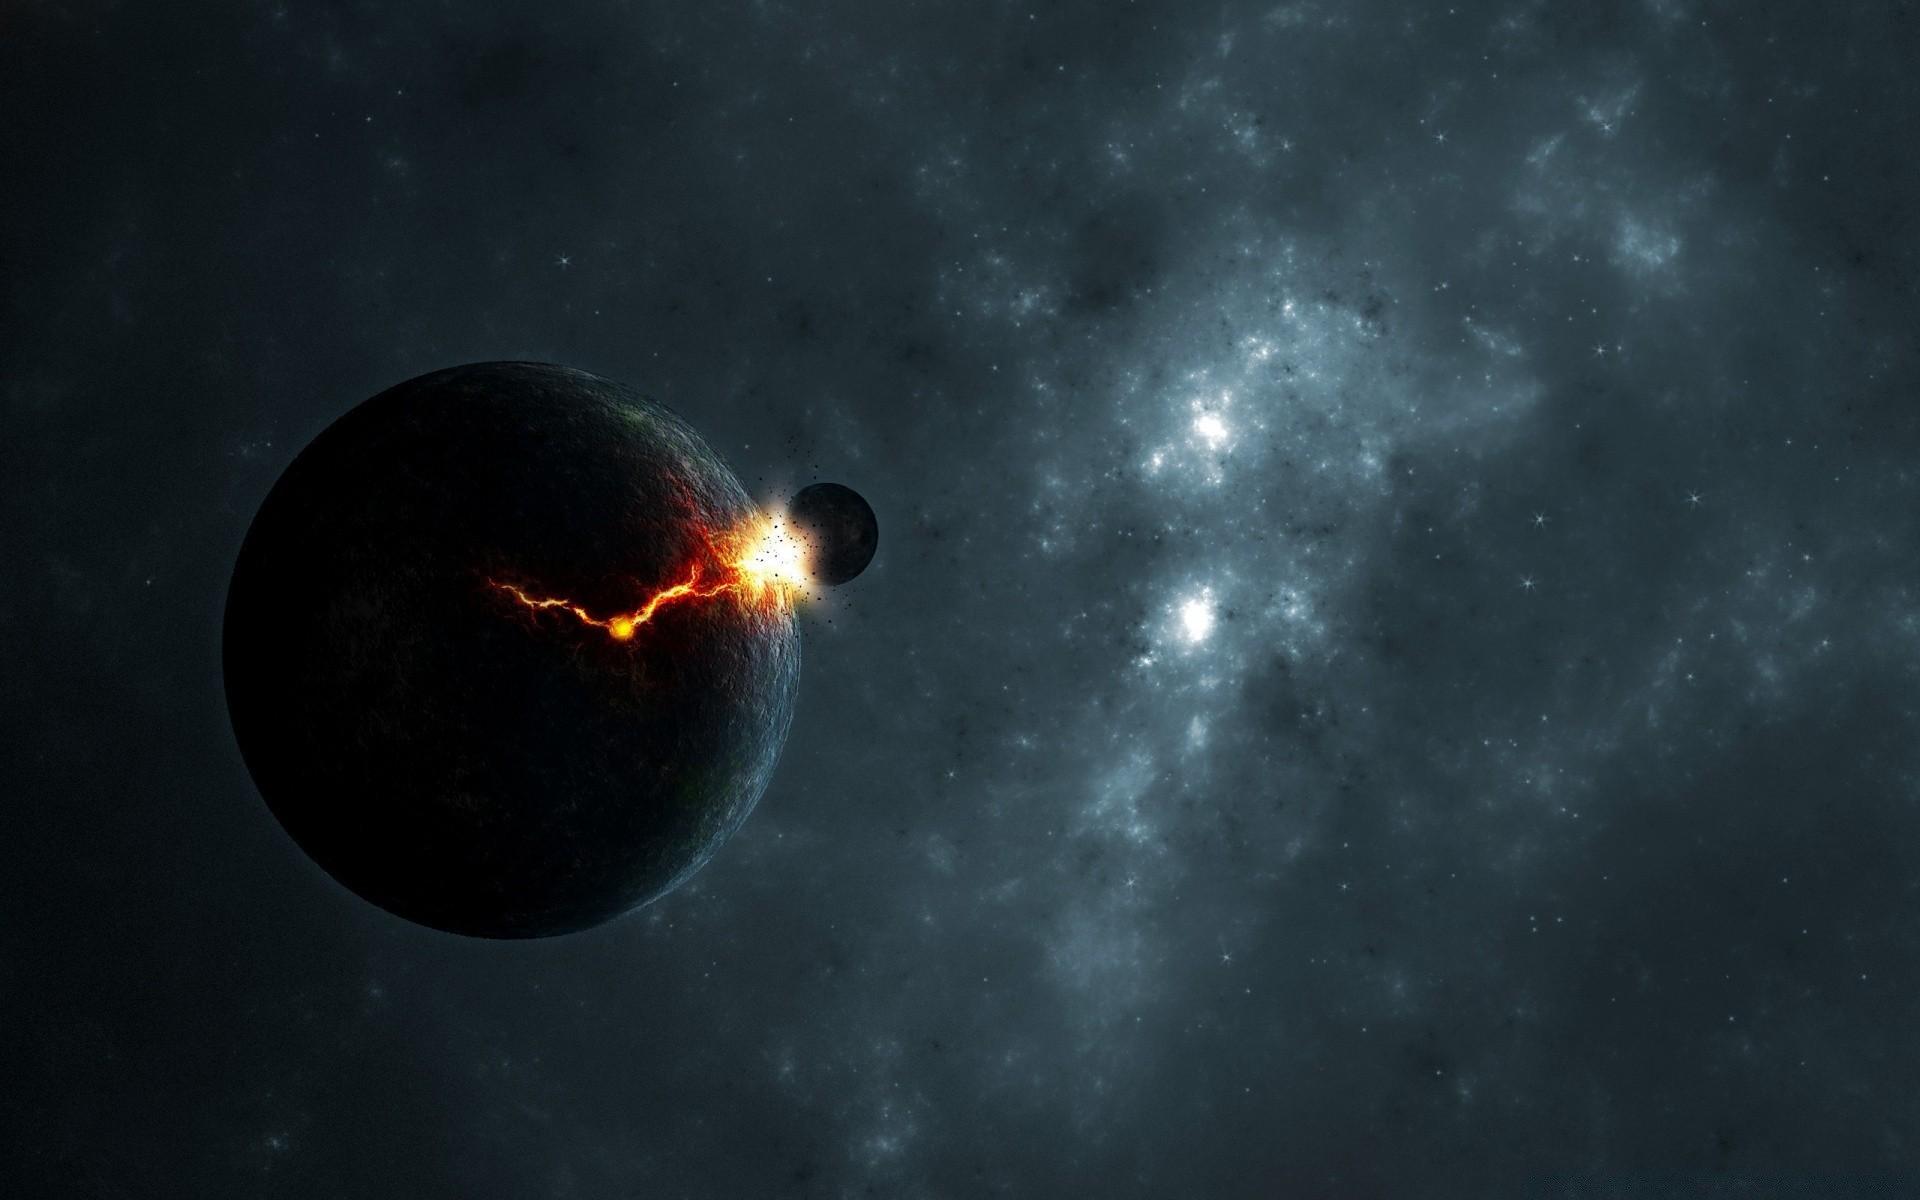 Обои спутник, планеты, катастрофа. Космос foto 16